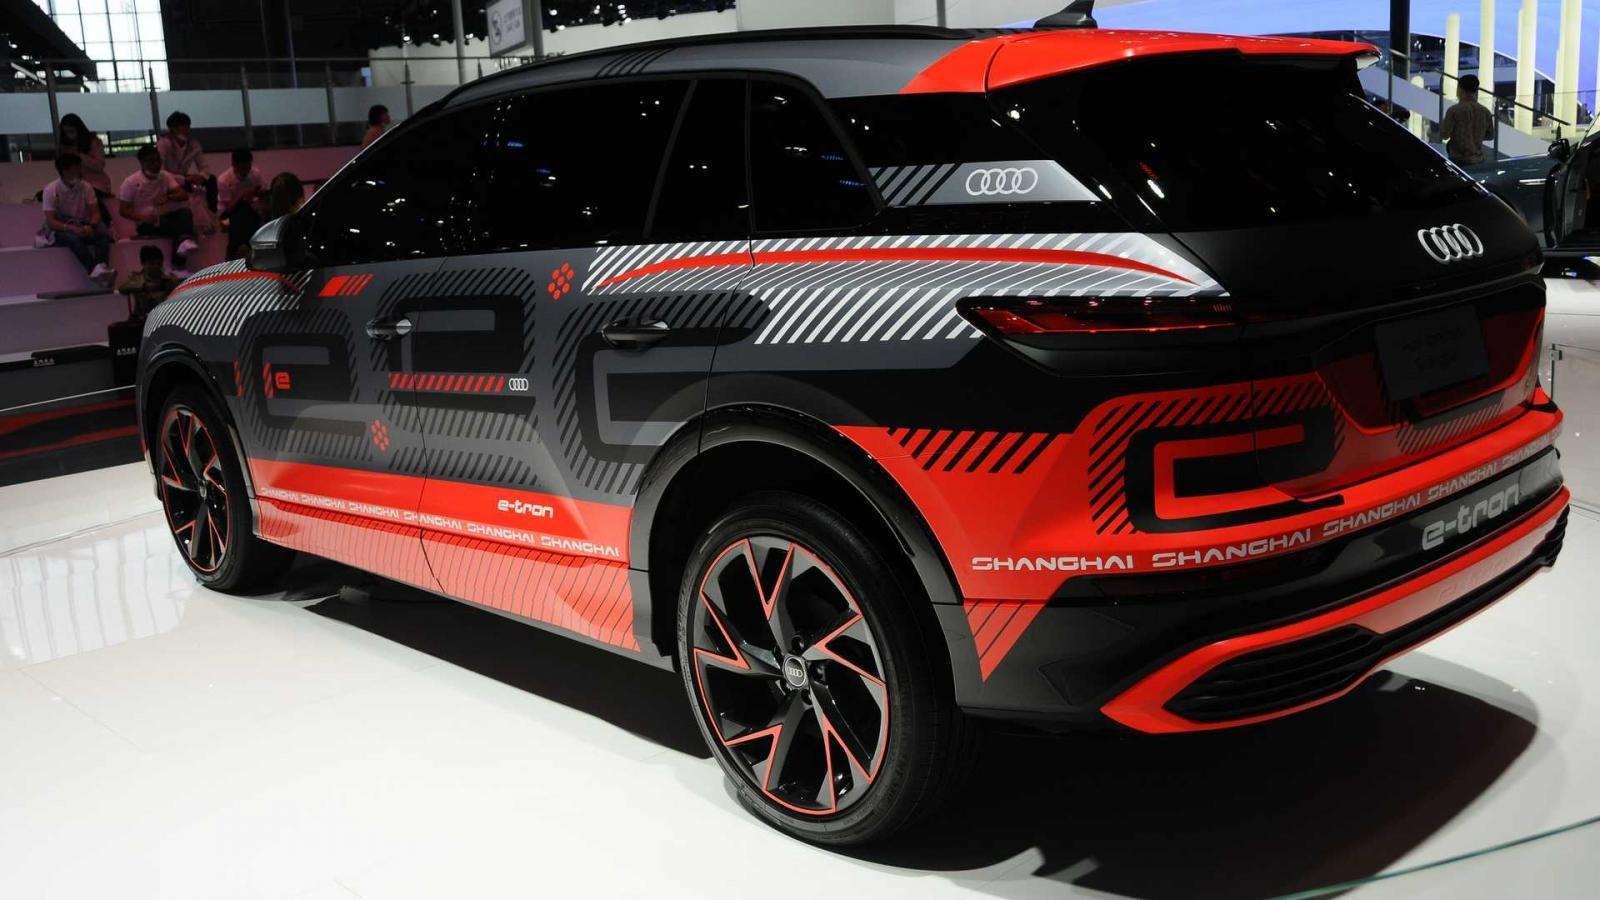 SUV Audi chạy điện mới được cho là có tầm vận hành không thua các đối thủ khác.